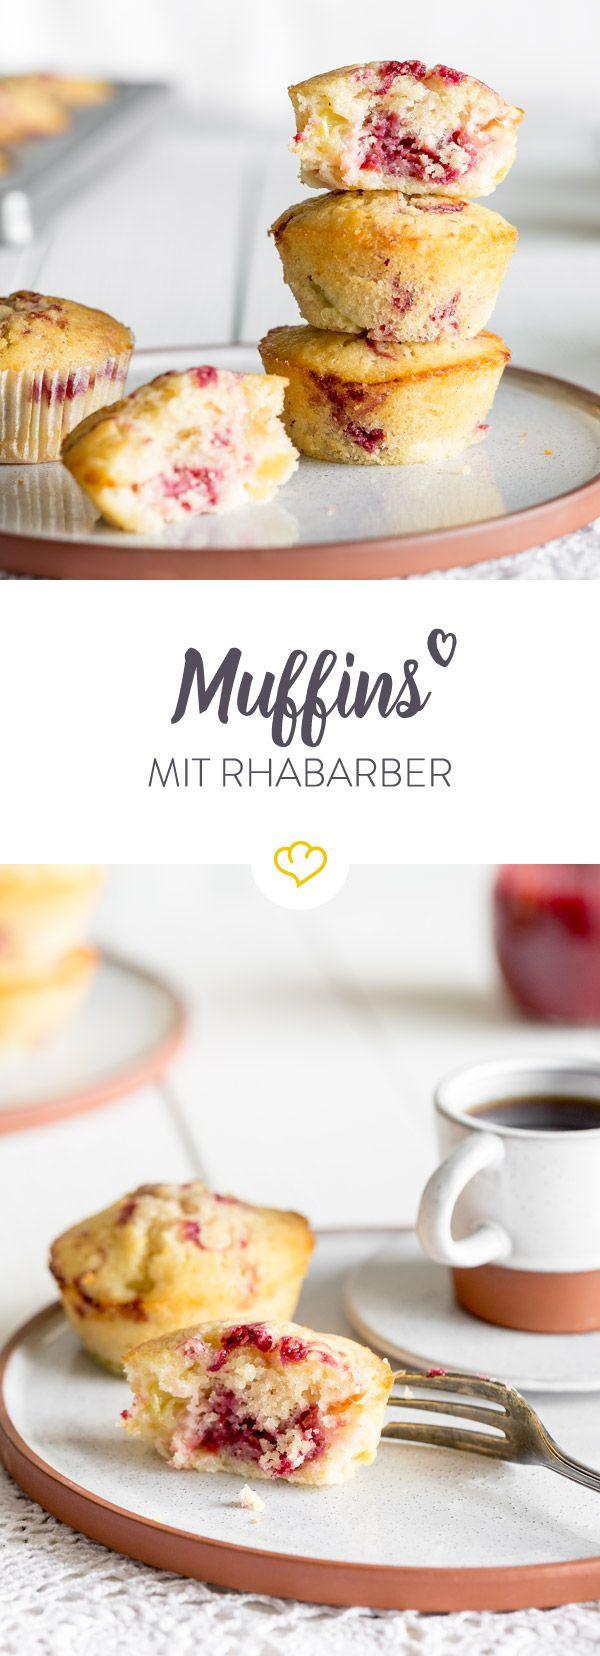 Endlich ist seine Zeit gekommen! Also schnell die Backform raus holen und den frischen Rhabarber zusammen mit Erdbeeren zu fluffigen Muffins backen.